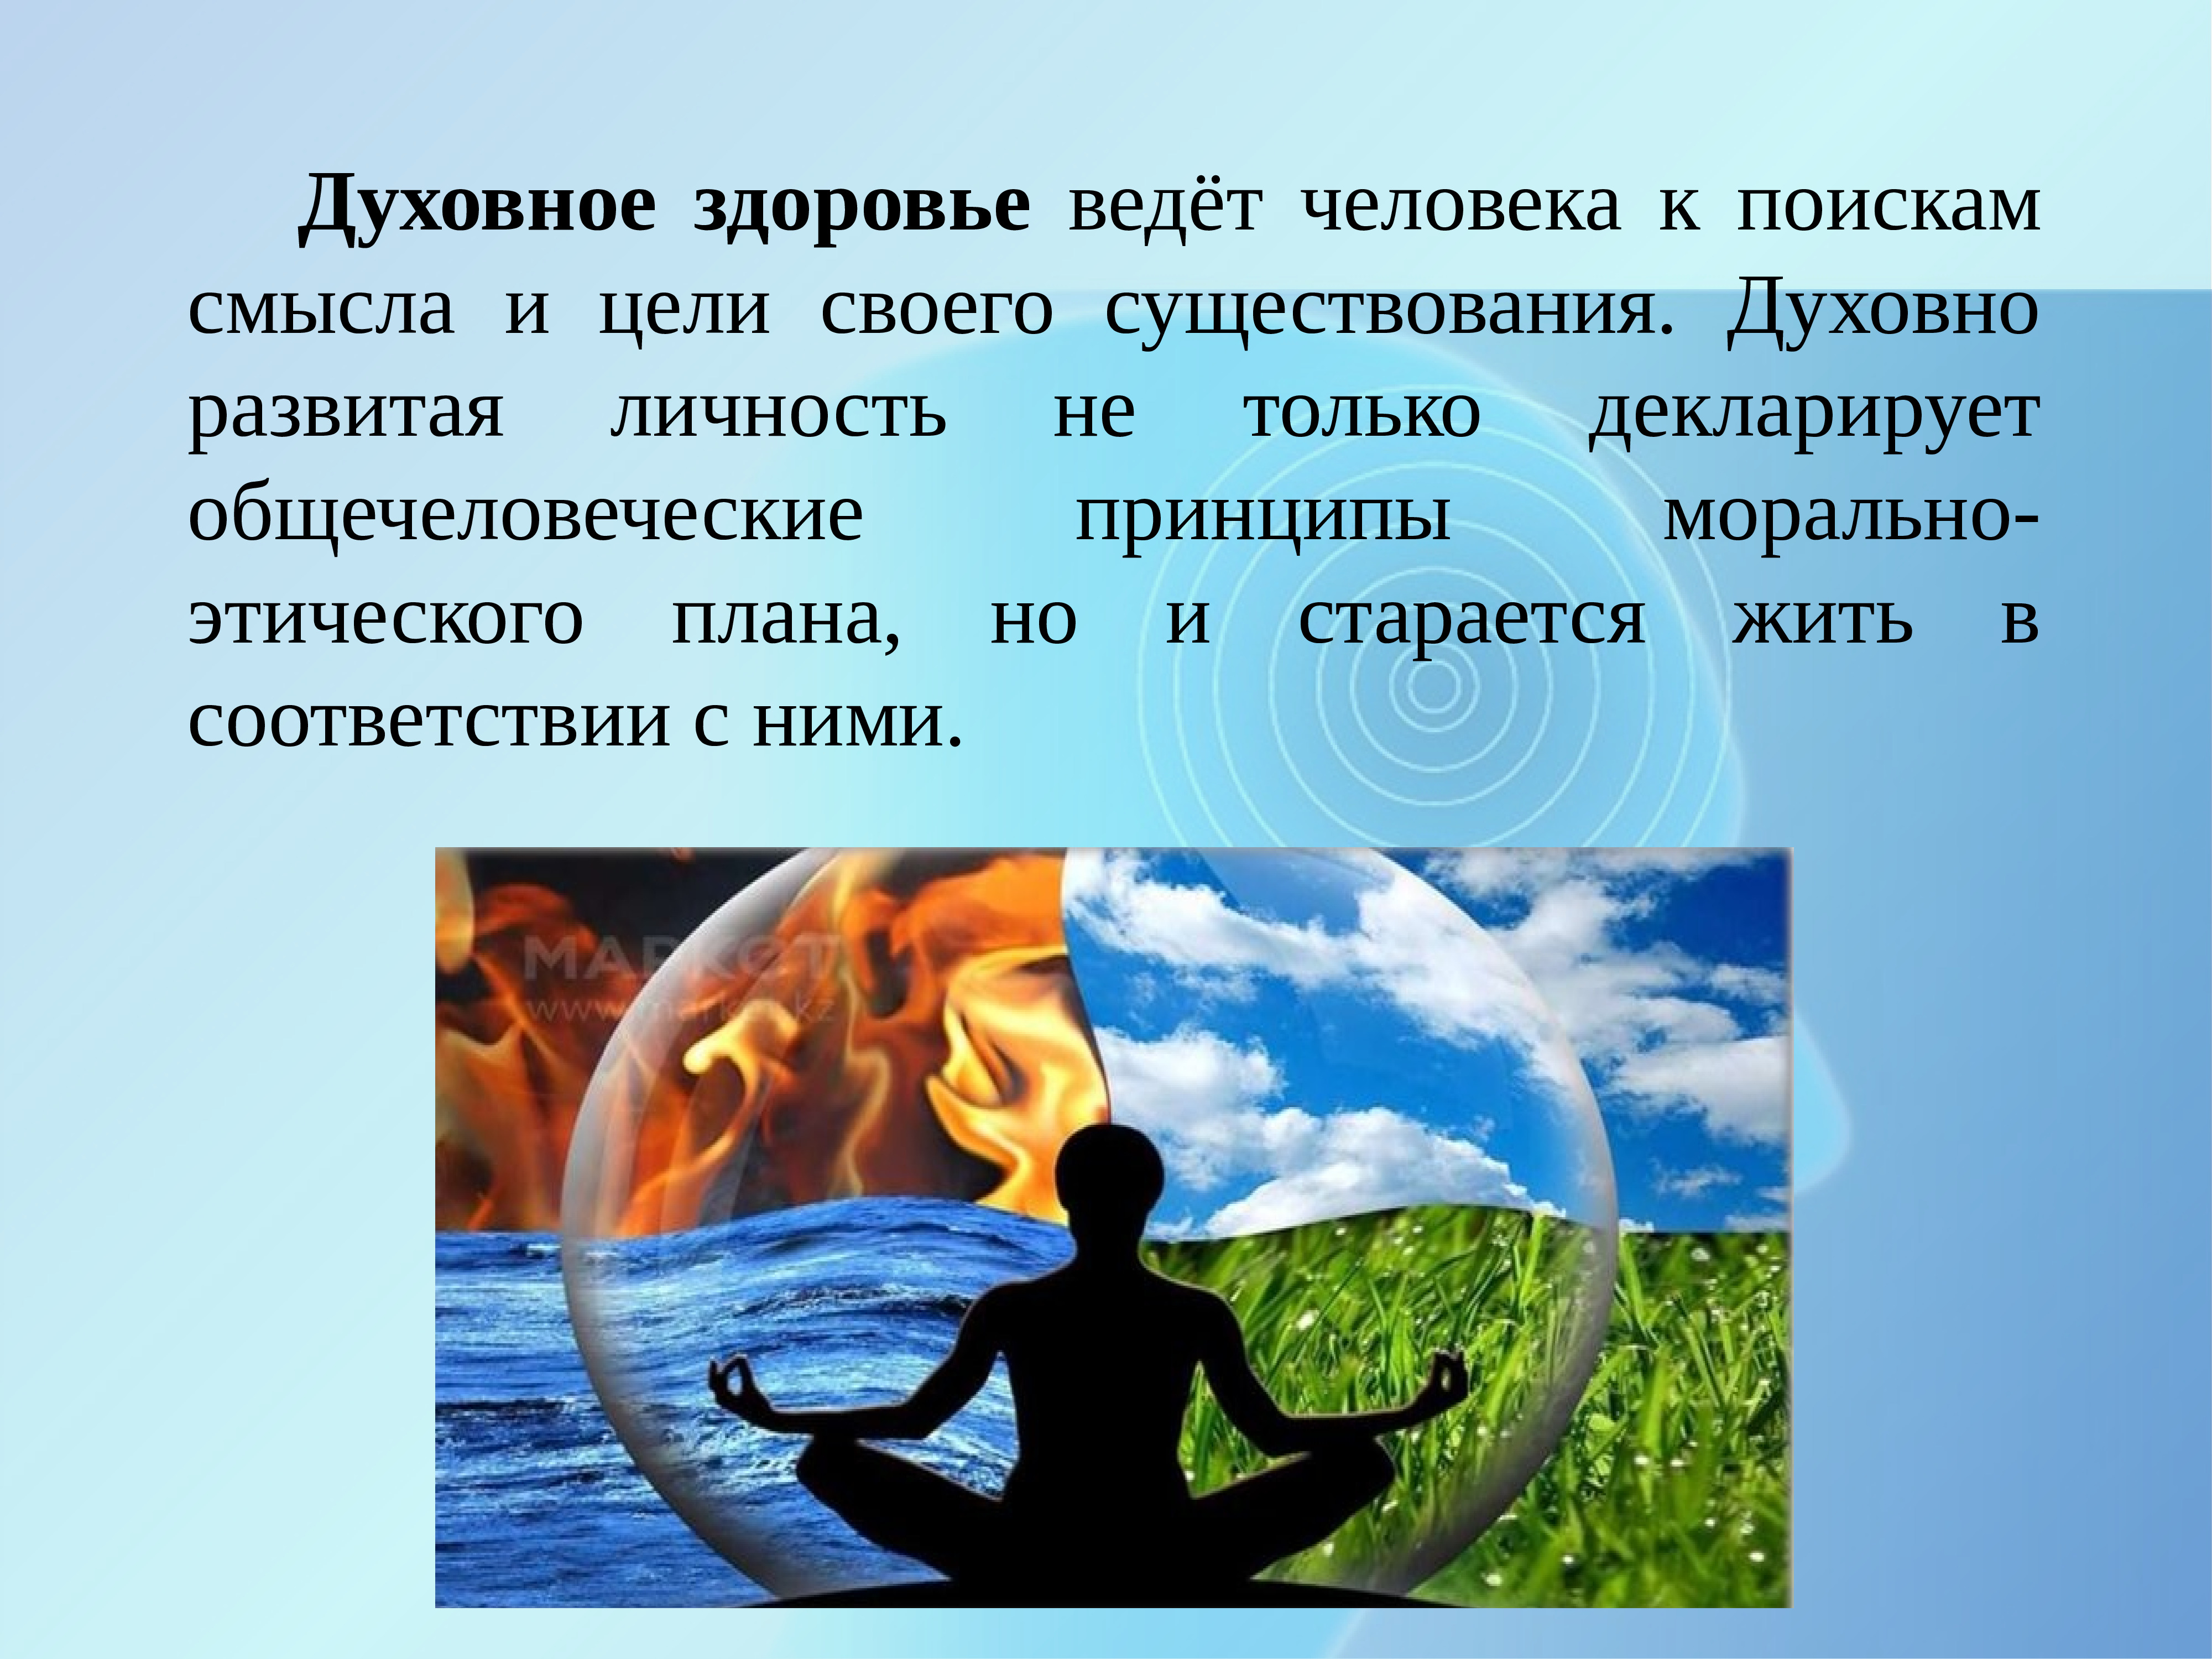 какое место общества занимает духовная культура